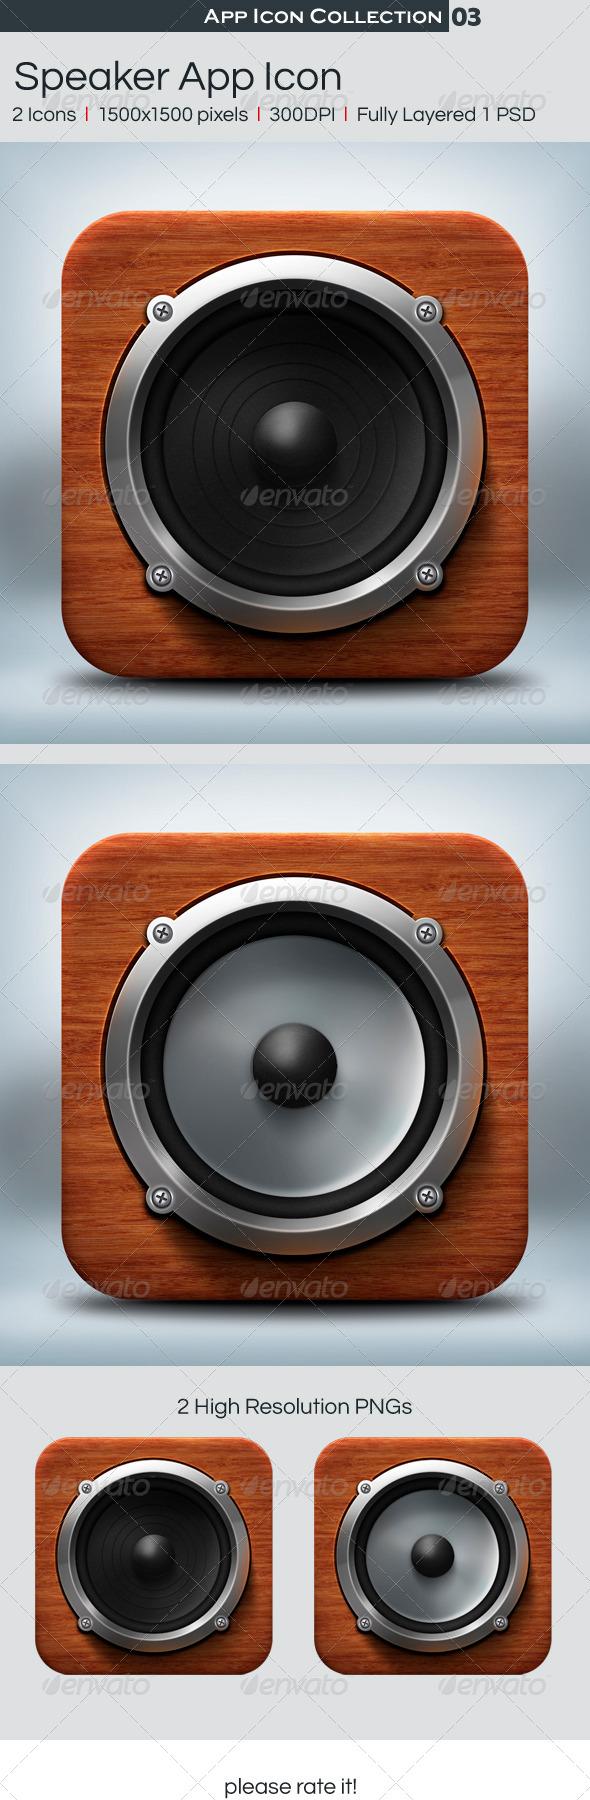 Speaker App Icon - Icons